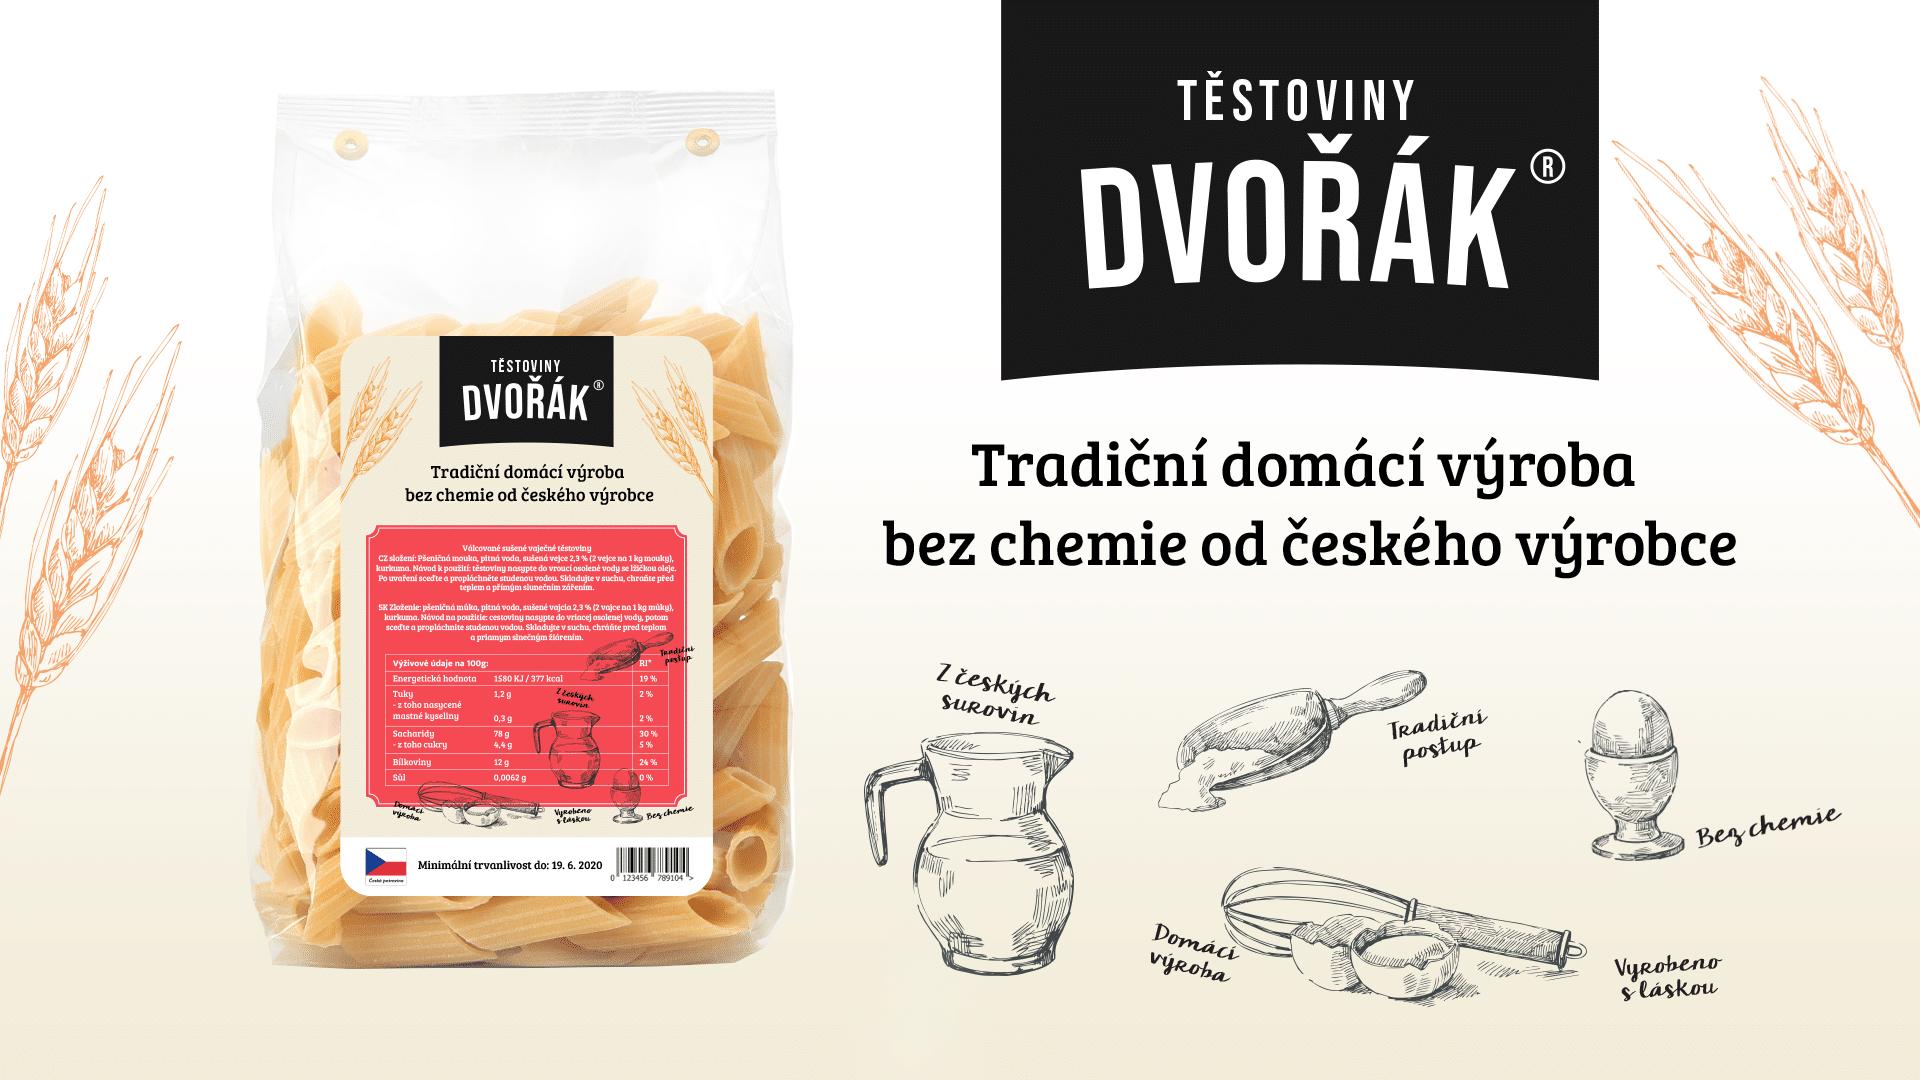 Tvorba loga avizuální identity Těstoviny Dvořák packshot aobal